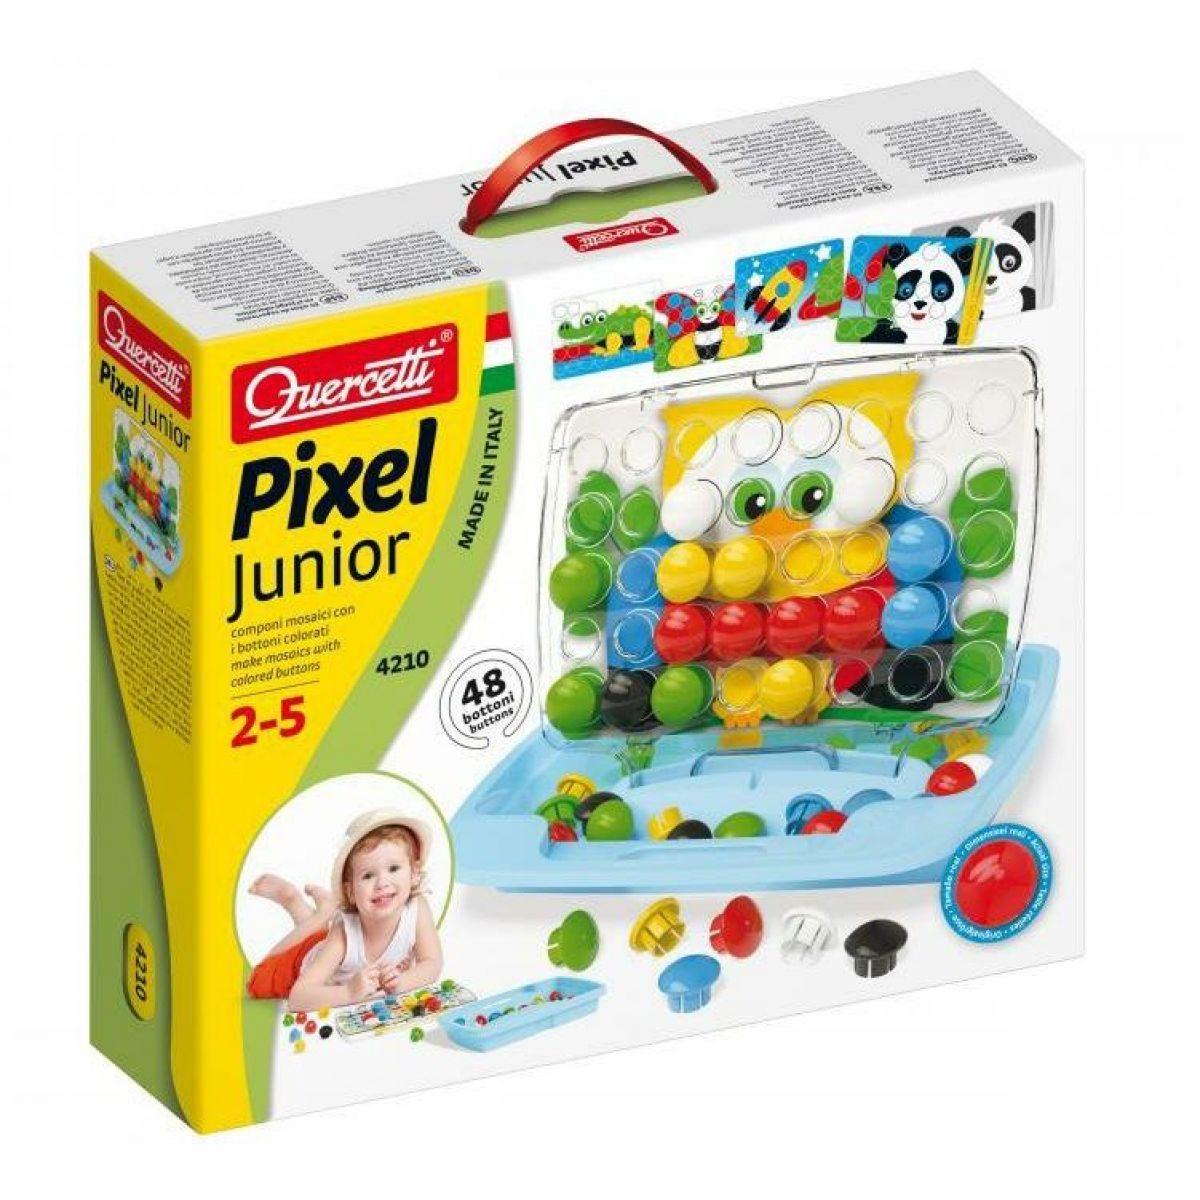 Quercetti Pixel Junior